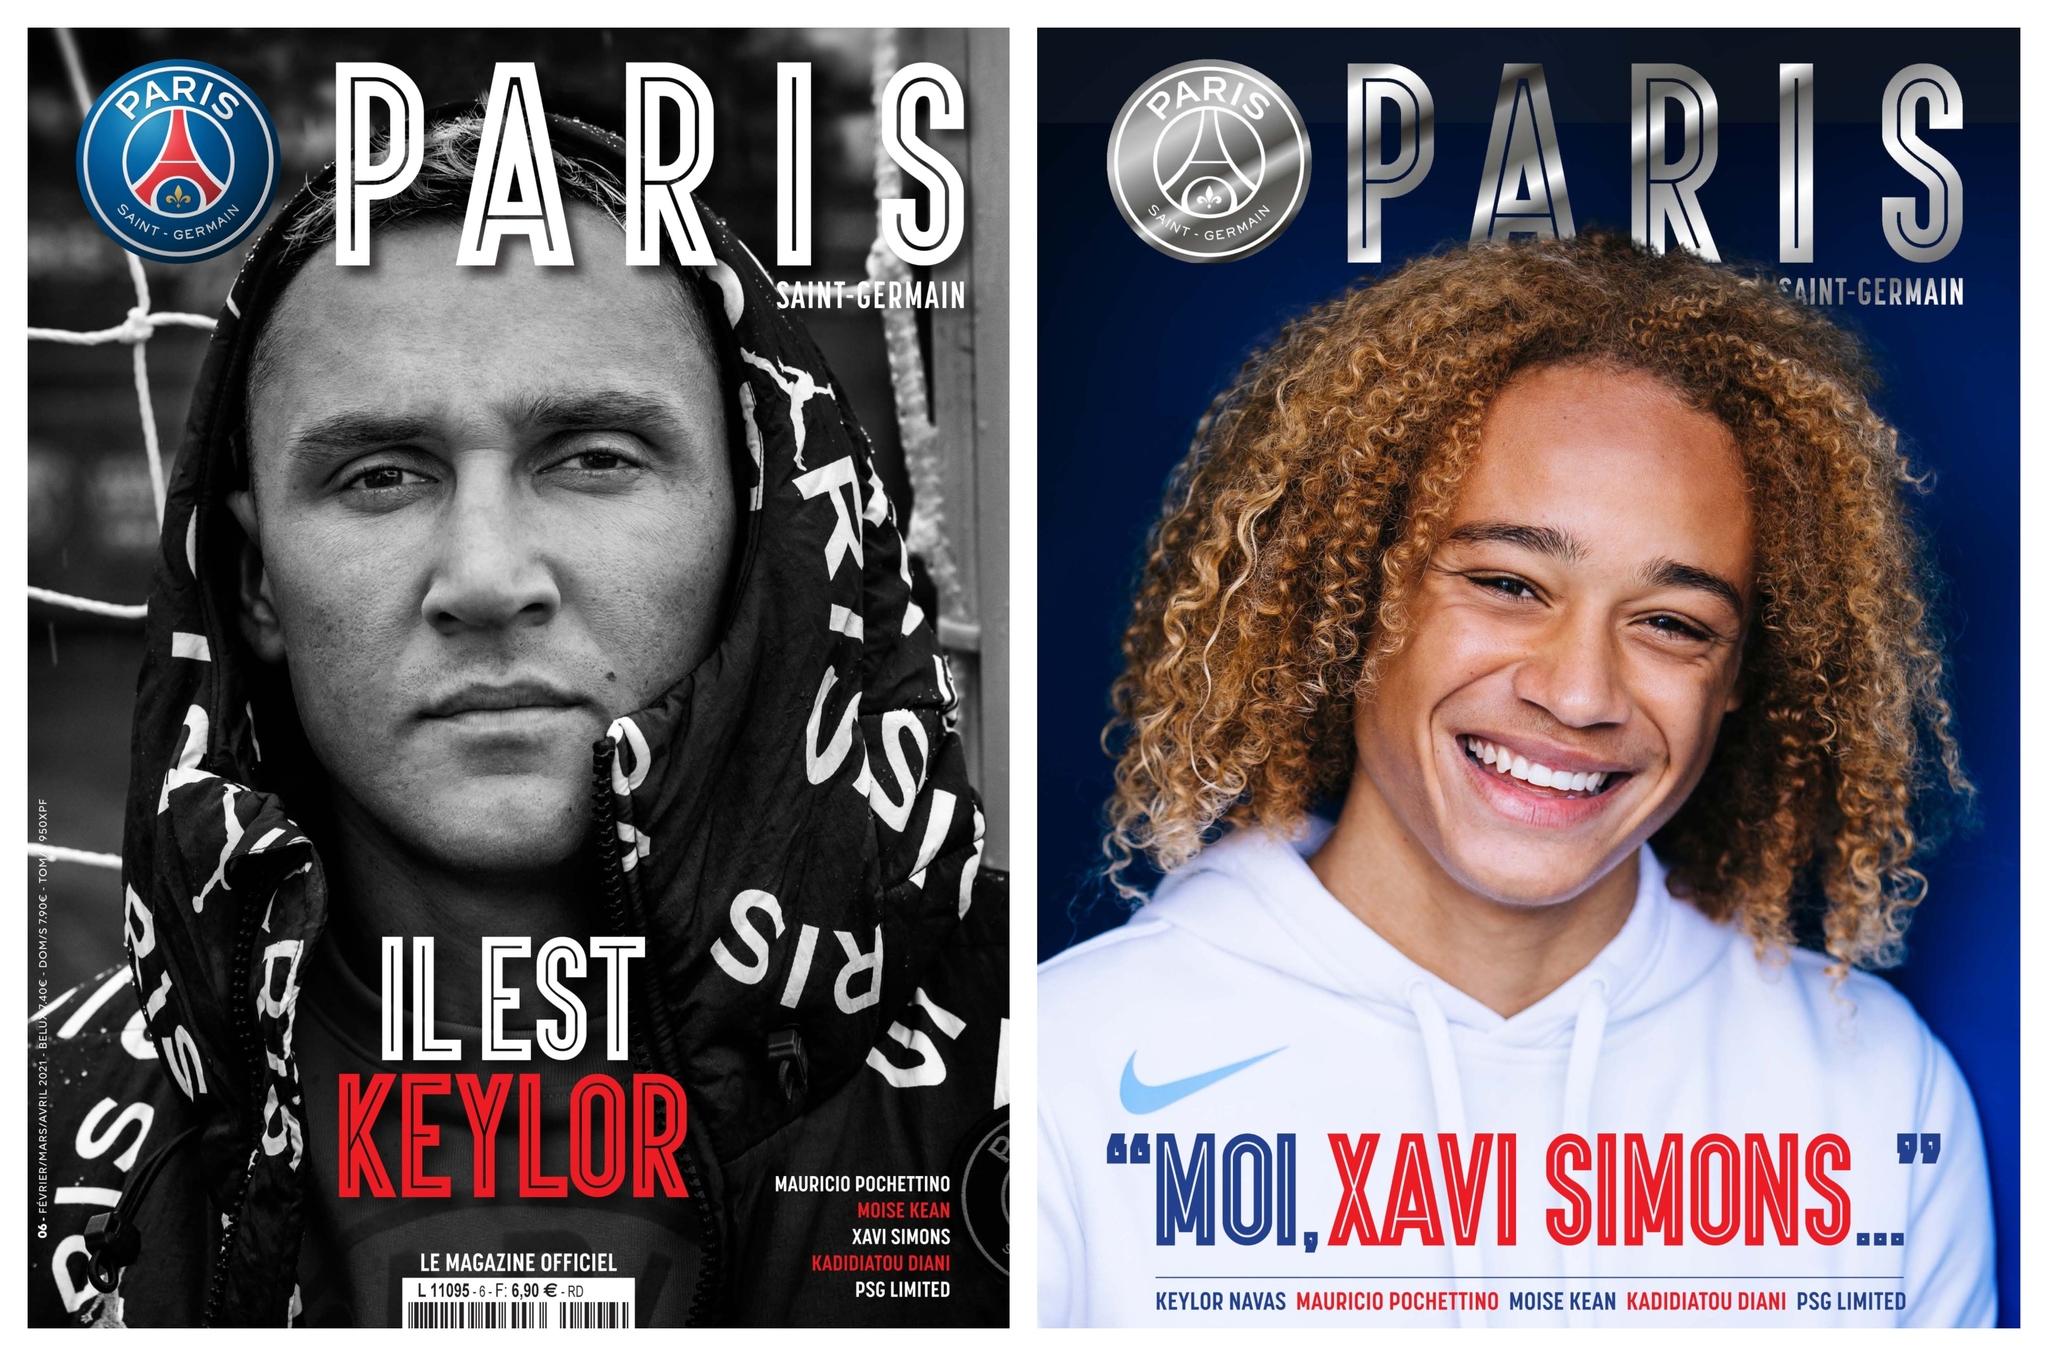 La portada y la contraportada de la revista oficial del PSG.